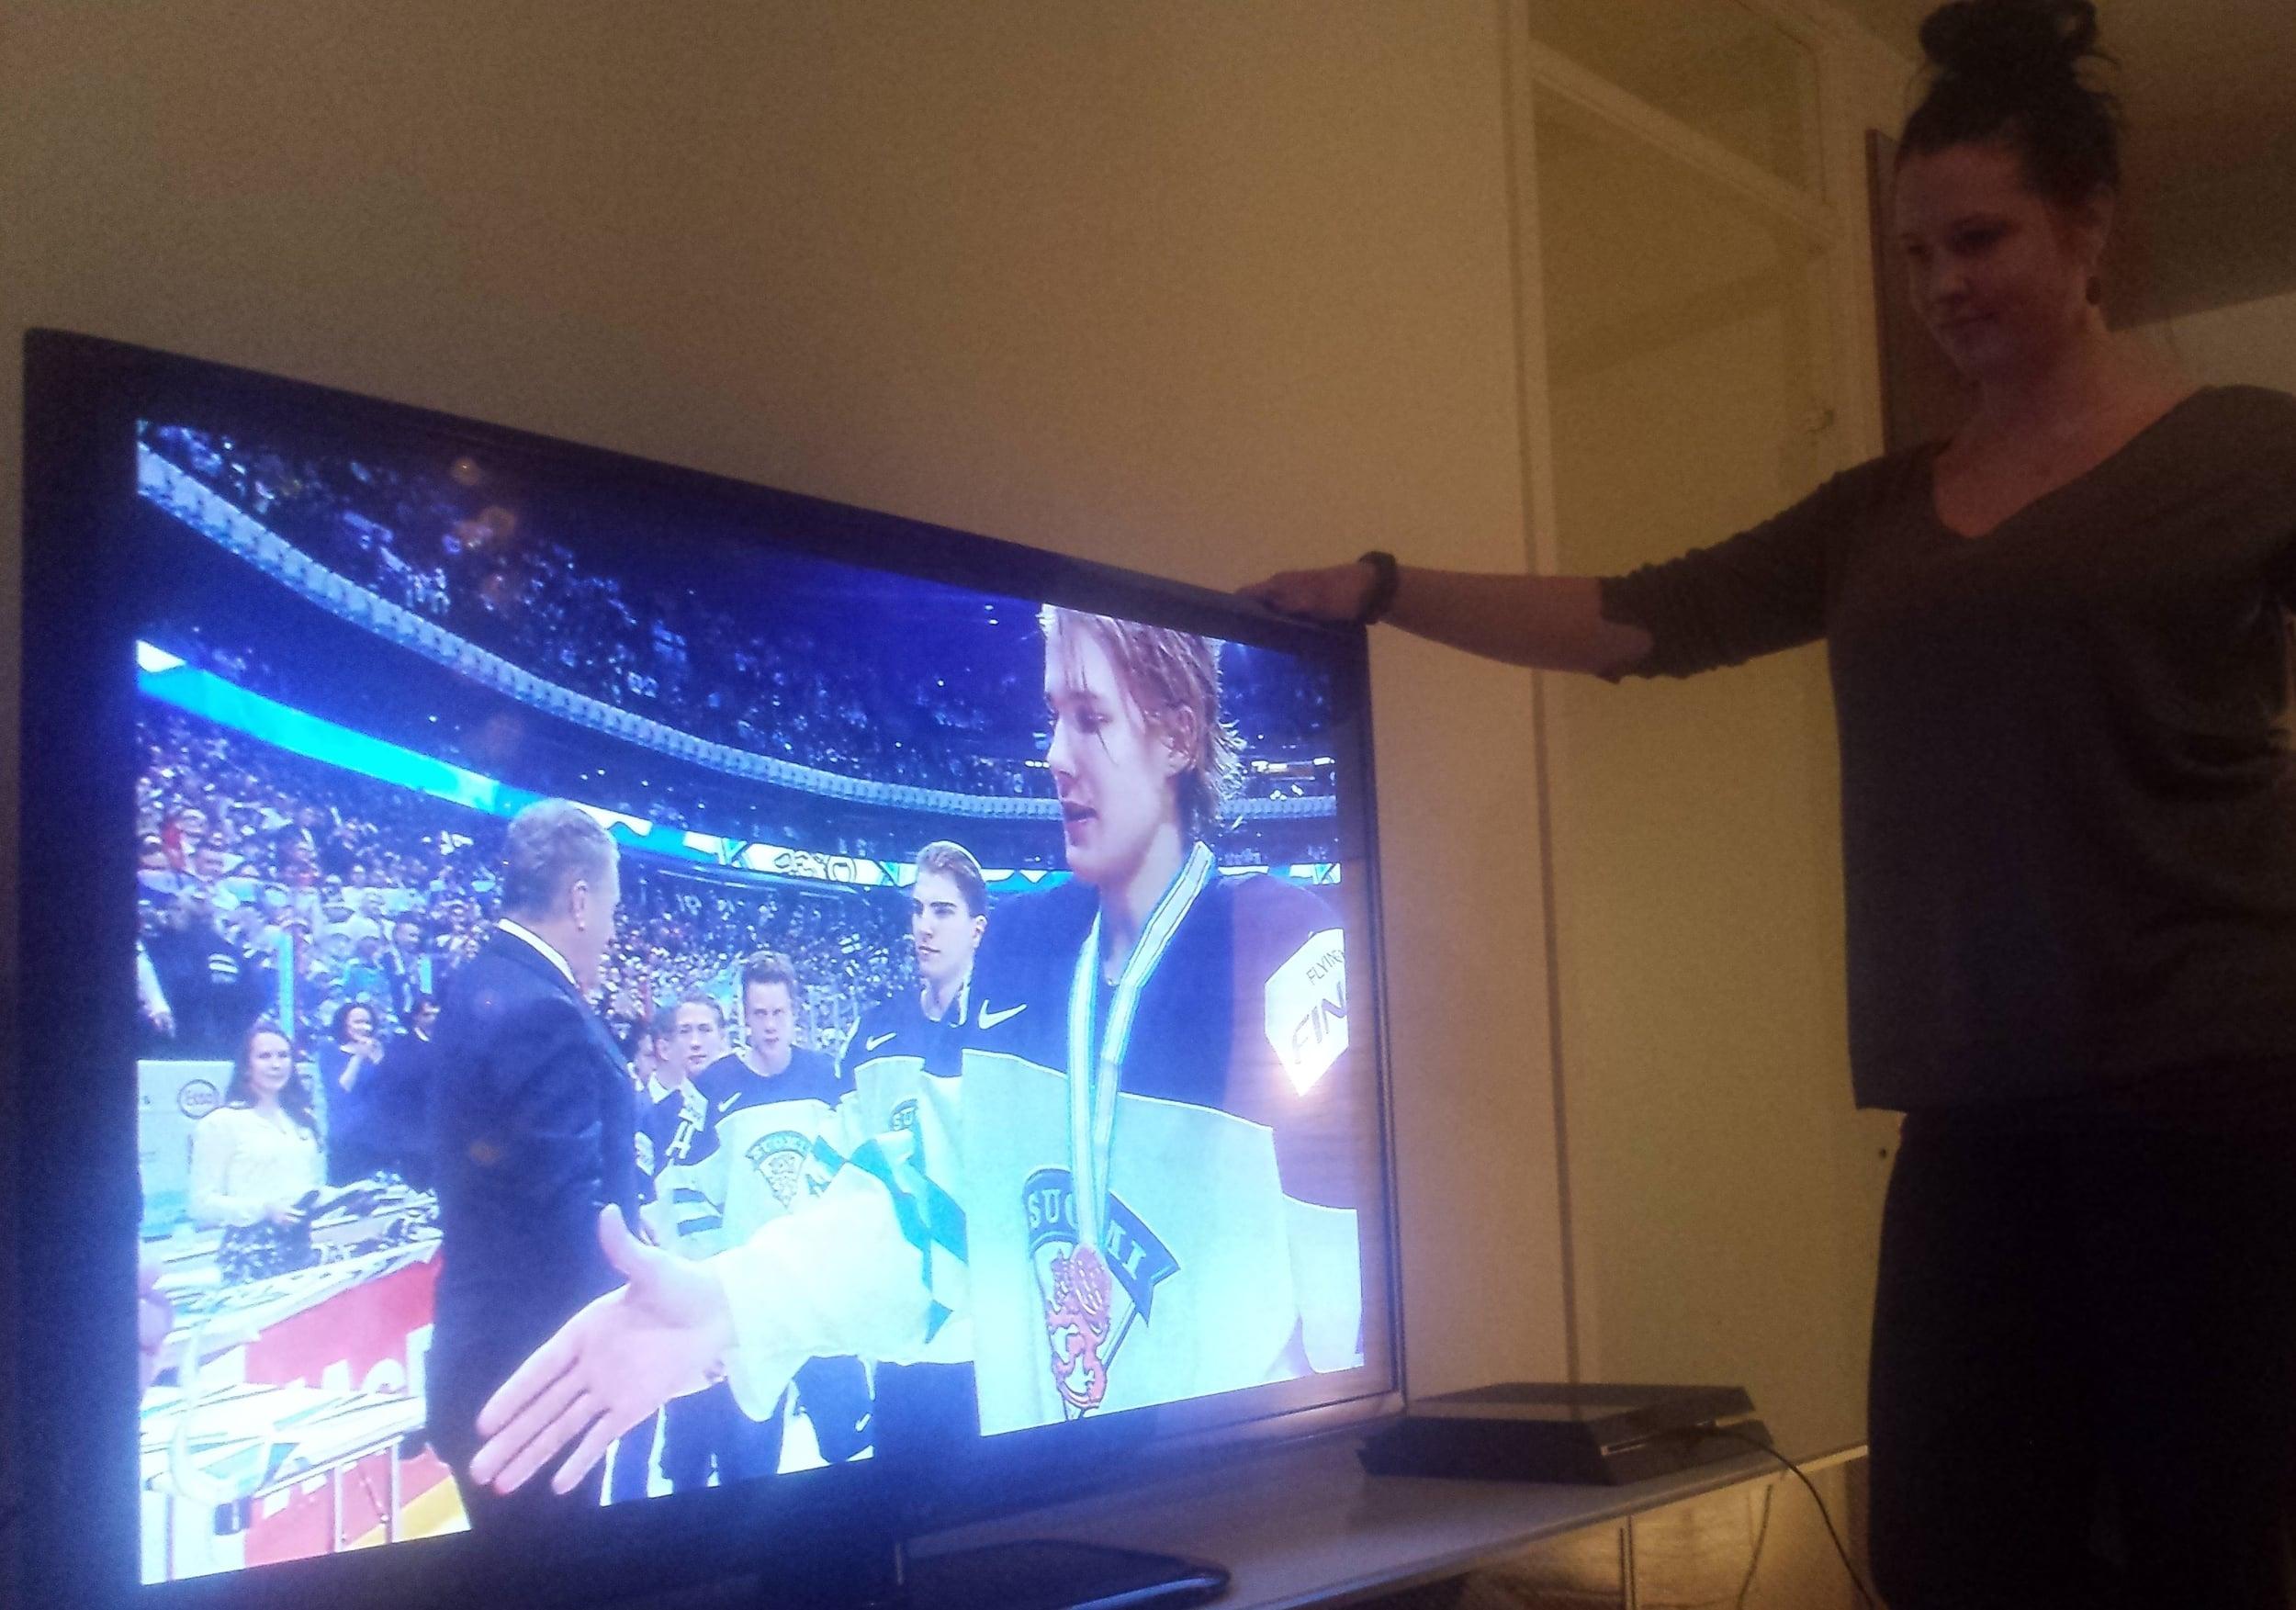 Och sist men inte minst, häng med mina landsmän när de tar emot guldmedaljen i Junior-VM. Den ni.